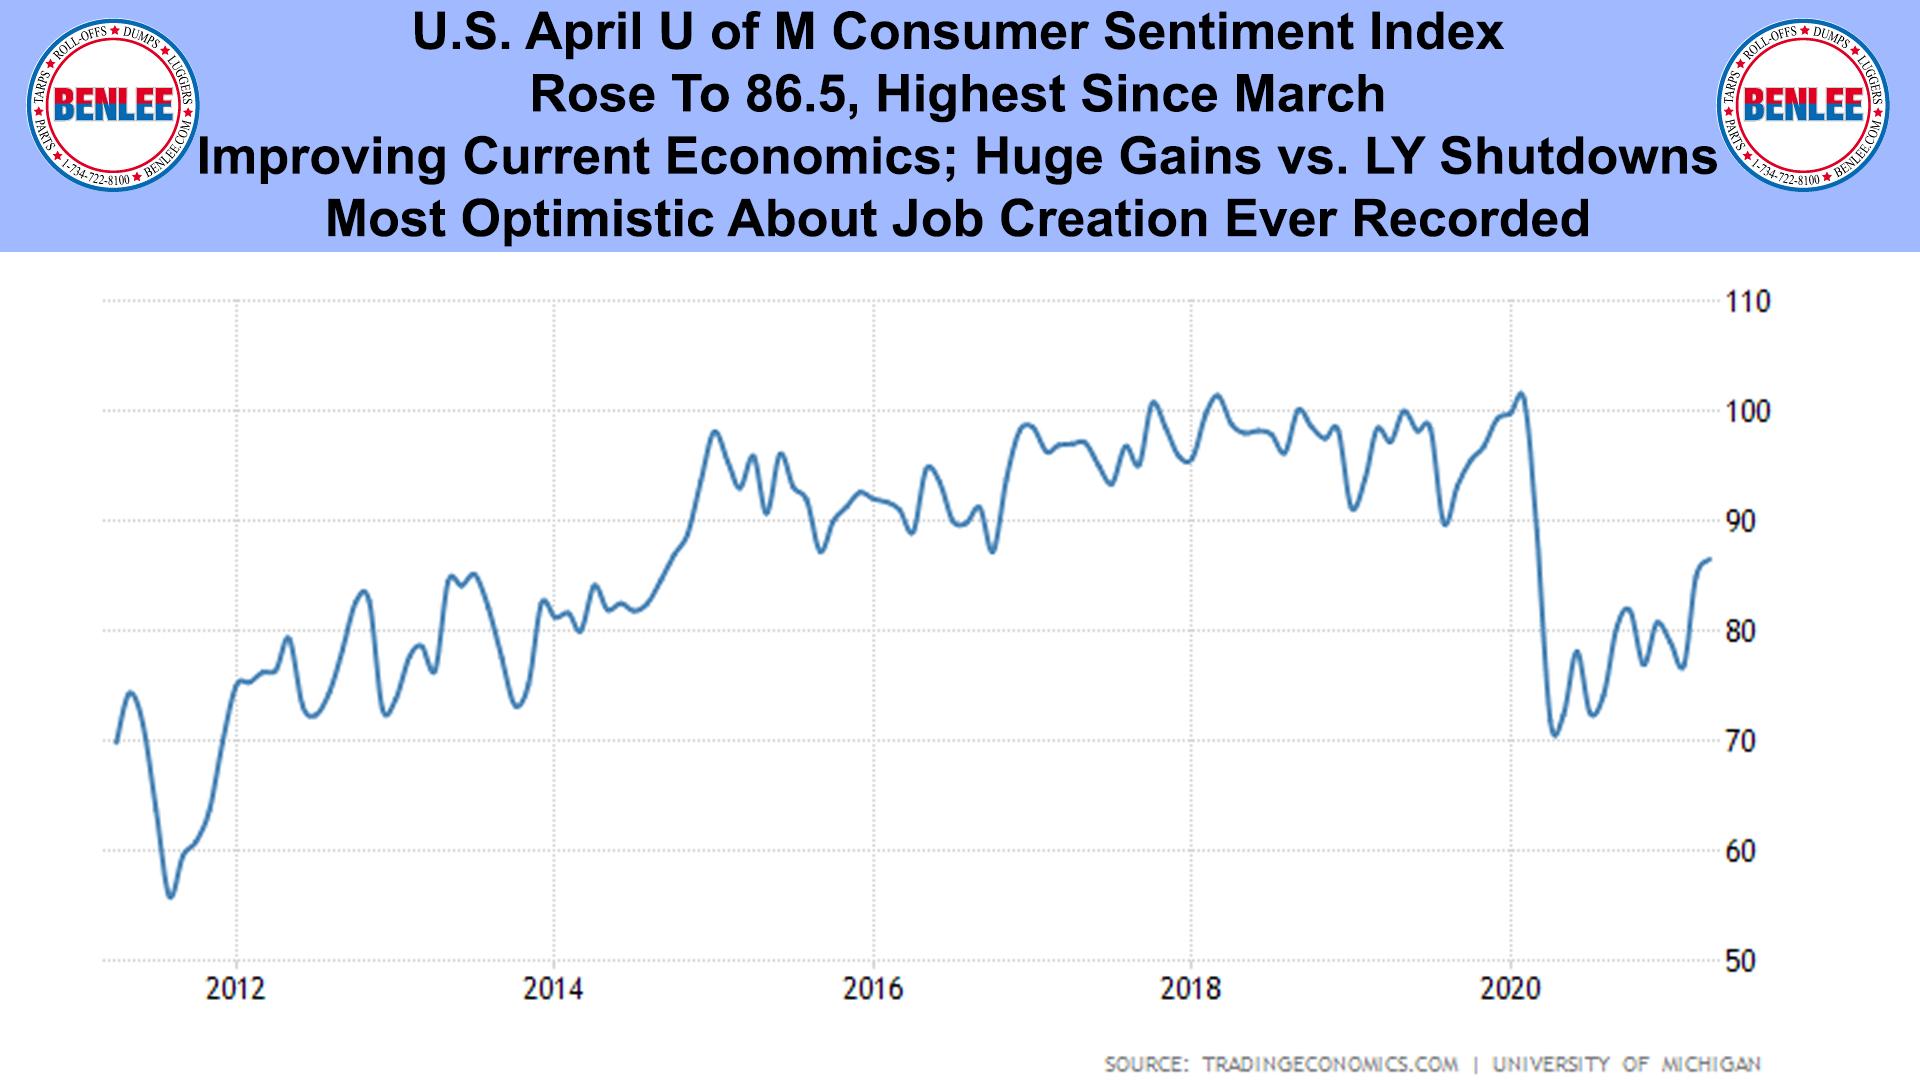 U.S. April U of M Consumer Sentiment Index